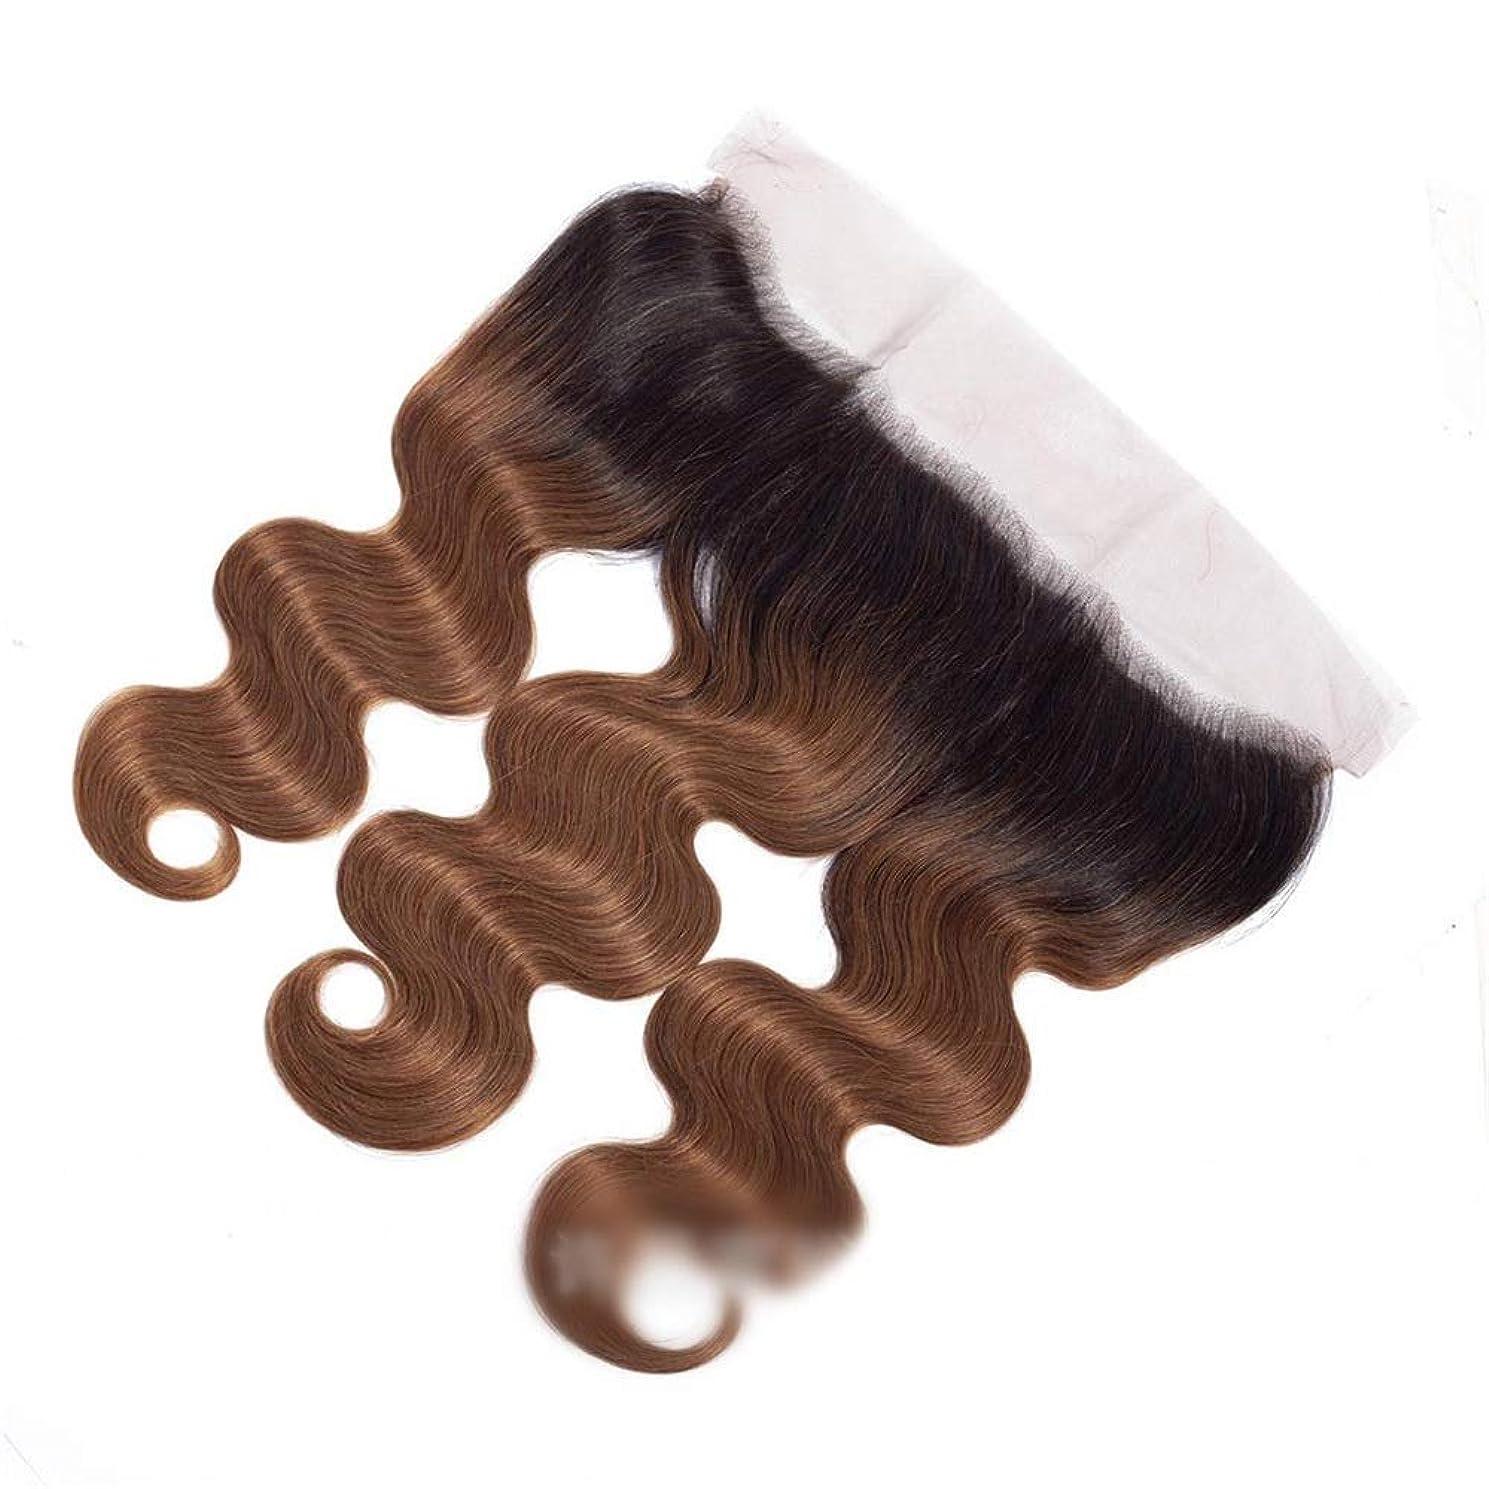 バイアスジェットダニYrattary ブラジル実体波13 * 4レース閉鎖無料部分100%未処理人間の髪織り1B / 30 2トーンカラーロングカーリーウィッグ (色 : ブラウン, サイズ : 16 inch)